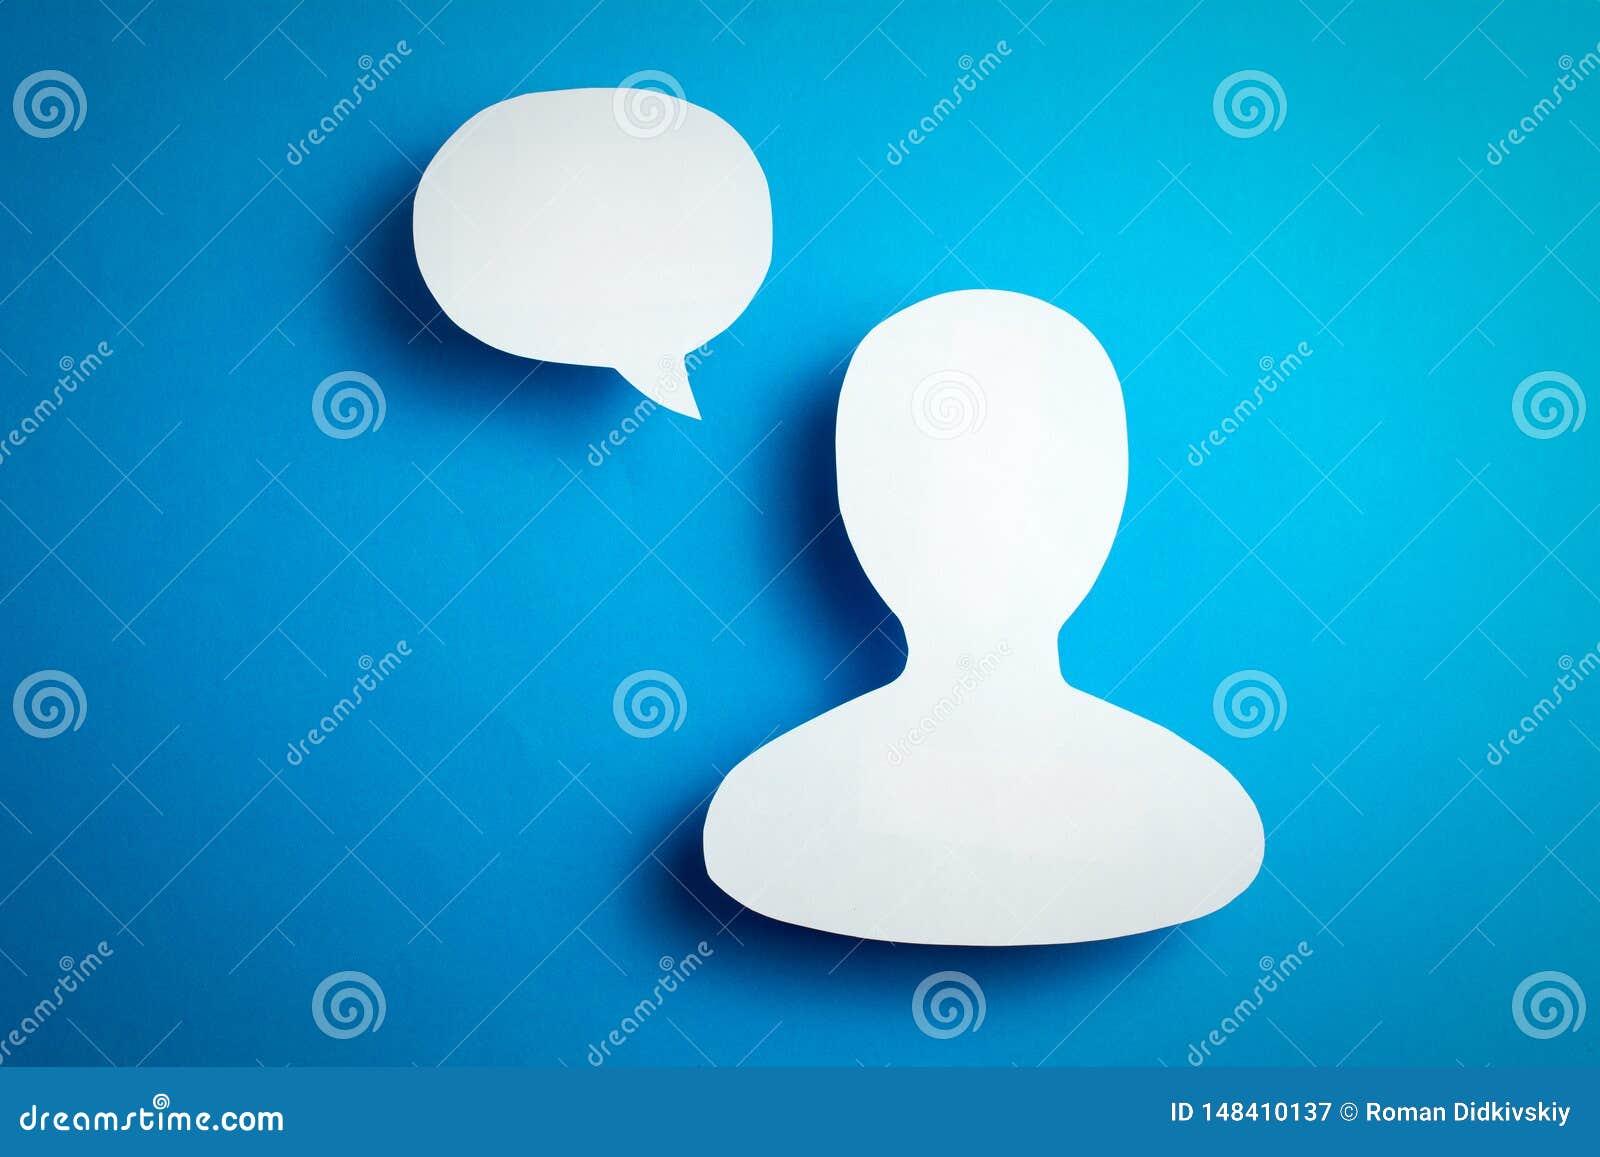 Gebruikers van het sociale netwerken blogging en online overseinen